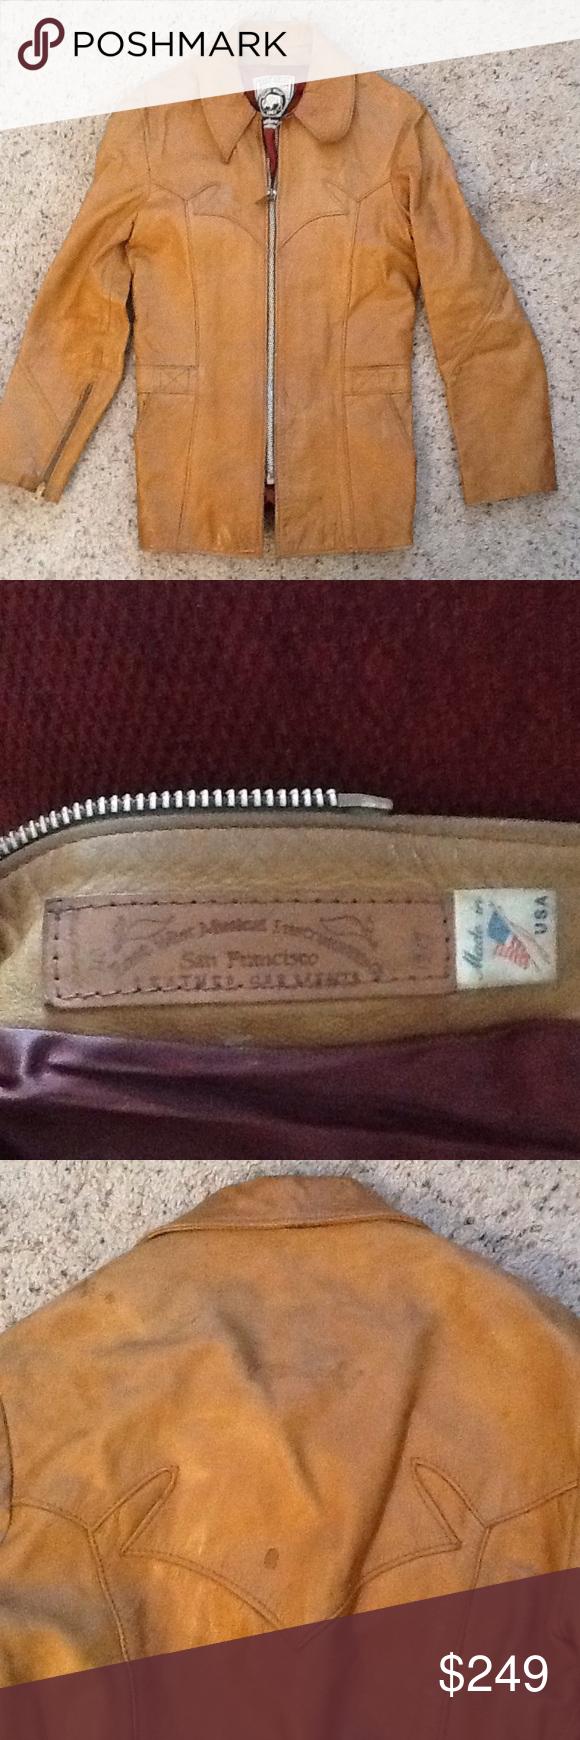 Sold True Vintage East West Instruments Jacket Vintage Jacket Etsy Fashion Brown Leather Jacket